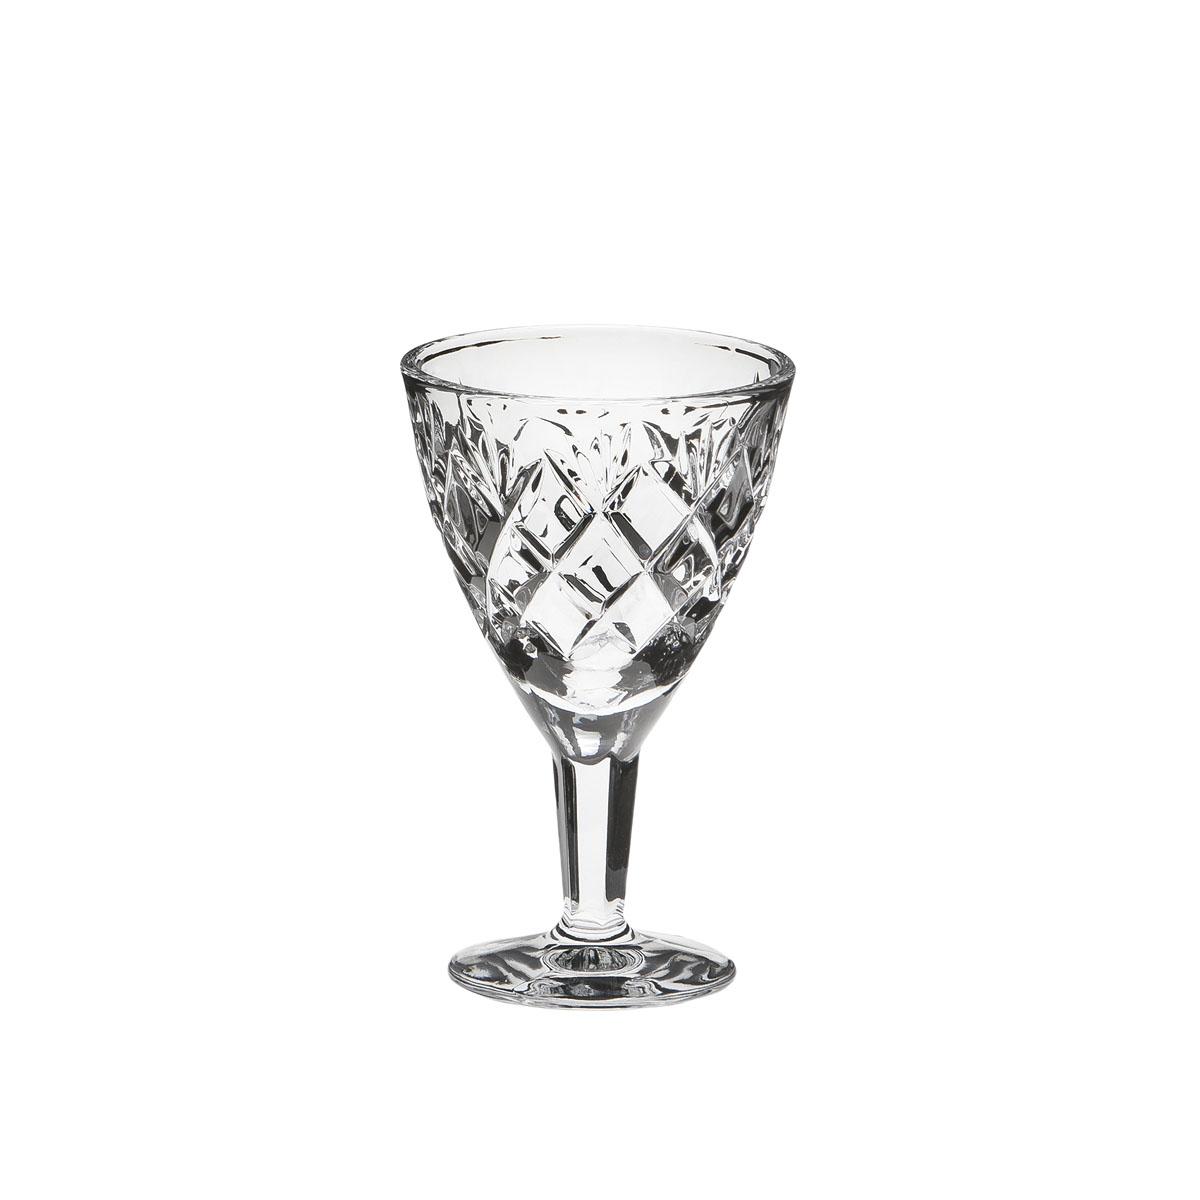 Рюмка Дятьковский хрусталь Сетка. Куст, 50 мл. С213/2С213/2Хрустальные рюмки - пожалуй самая необходимая и прывичная часть посуды в каждом русском доме. Это посуда сугубо для алкогольных напитков. Вообще существует закономерность - чем крепче спиртной напиток, тем меньше объем рюмки, бокала или стопки. Хрустальные рюмки для водки - самые маленькие, а хрустальный рюмки для ликеров, коктейлей и вина - обычно больше.